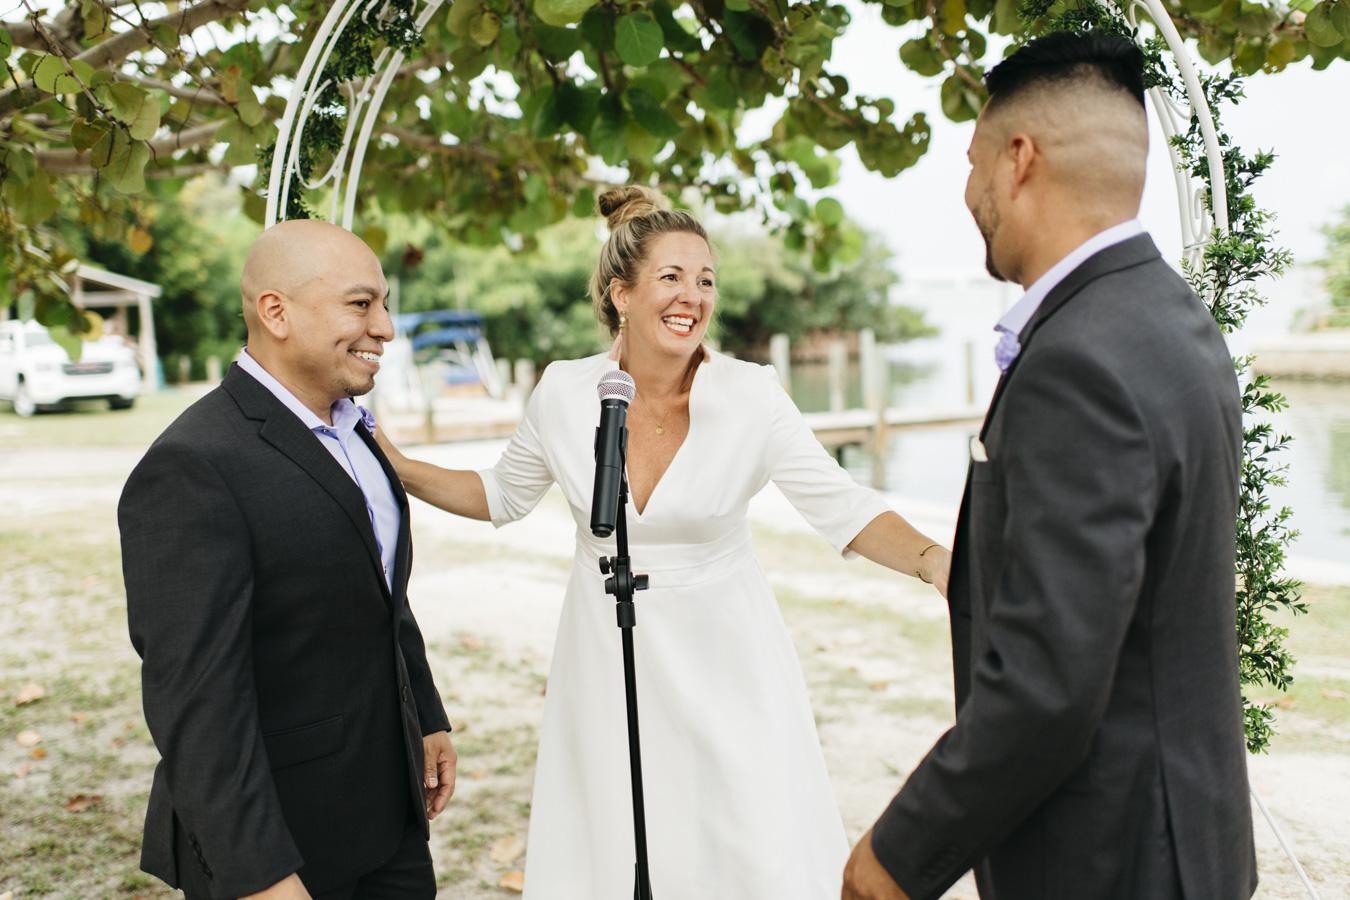 Gino_Jose_Sarasota_FL_Wedding_June_23_2018-27.jpg